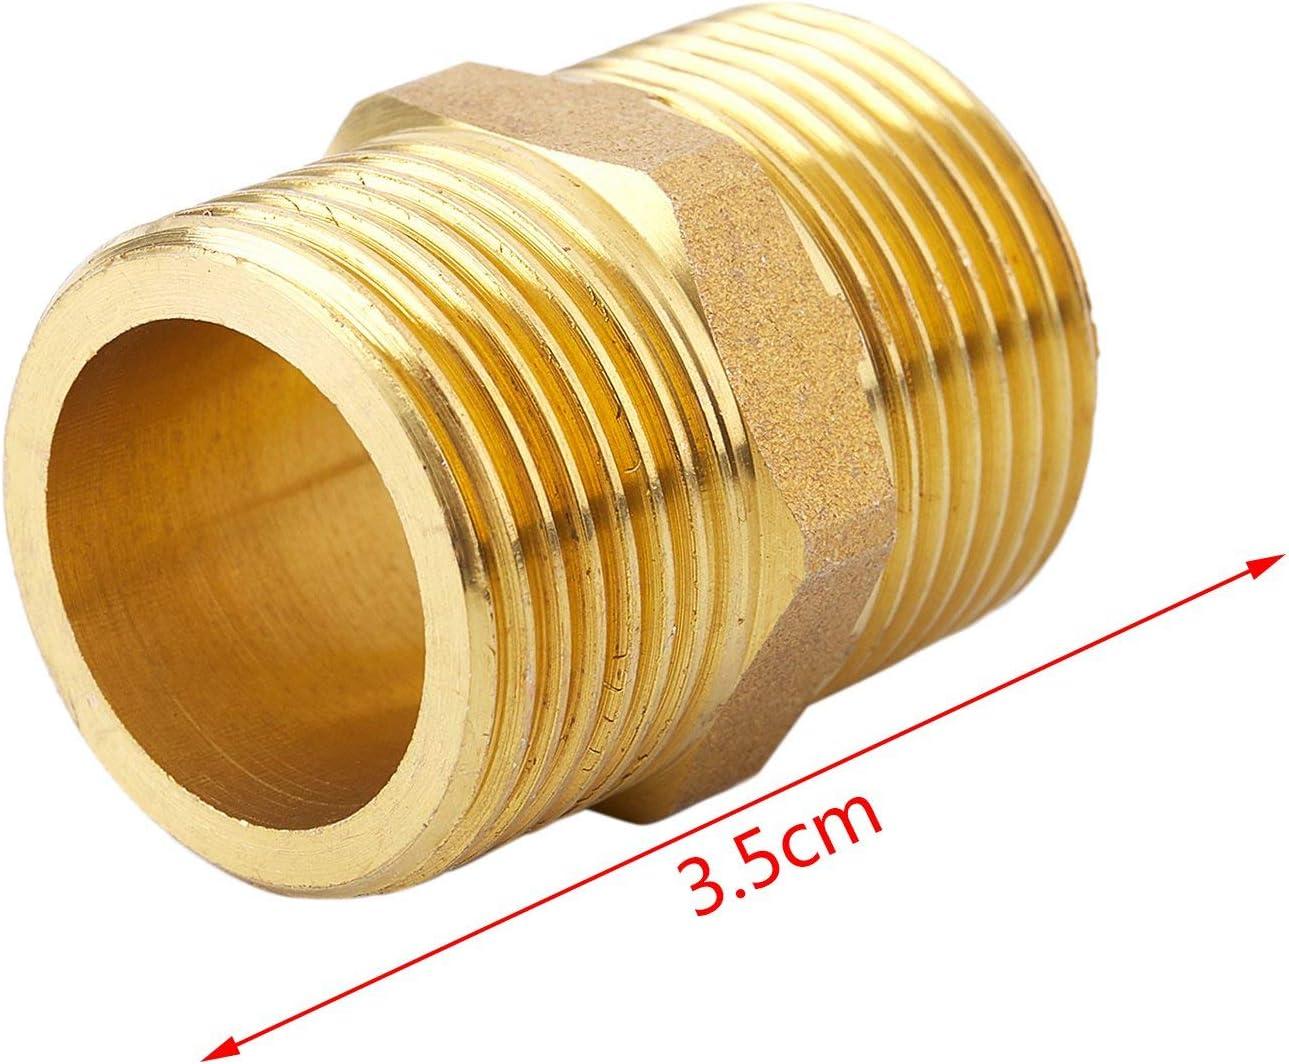 3//4 x 3//4 pouce union tuyau de connexion fil du mamelon menuisier raccord en laiton BSP m/âle